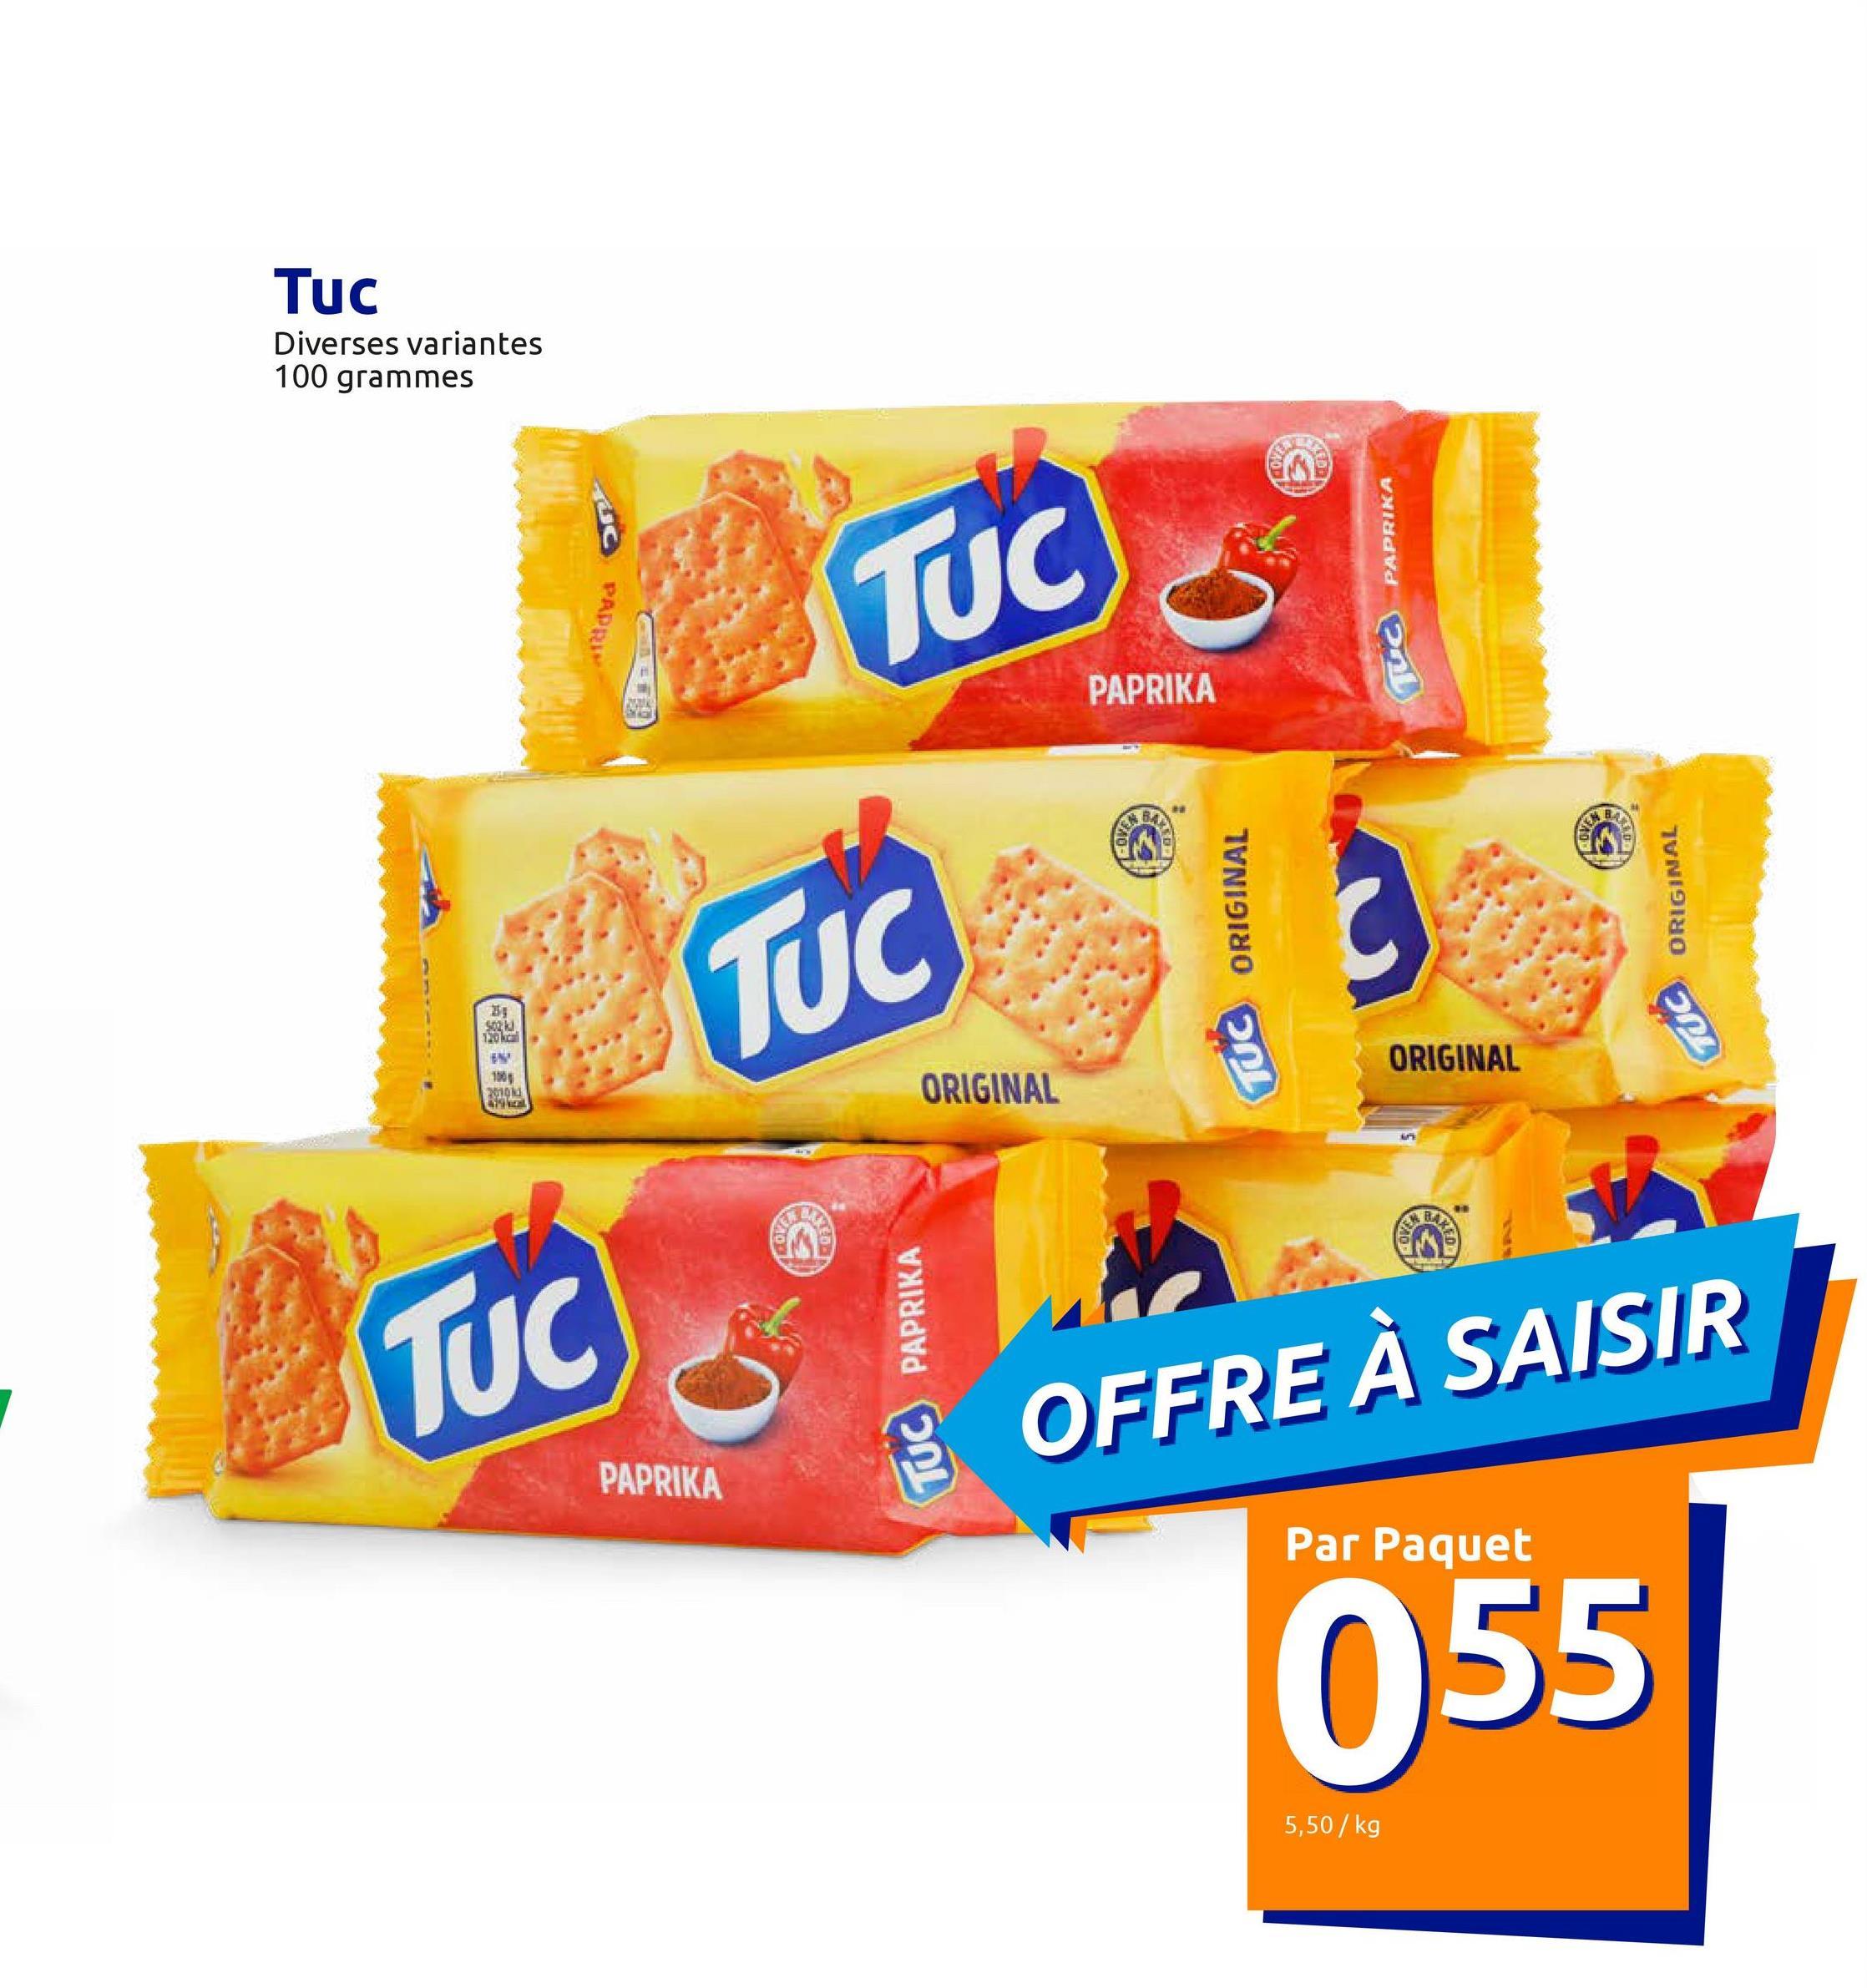 TUC Original <ul><li>Biscuits salés légers</li><li>Cuits au four</li></ul><br />Une petite faim ? Ces biscuits salés sont délicieux comme en-cas ou pour une chouette soirée entre amis, par exemple.